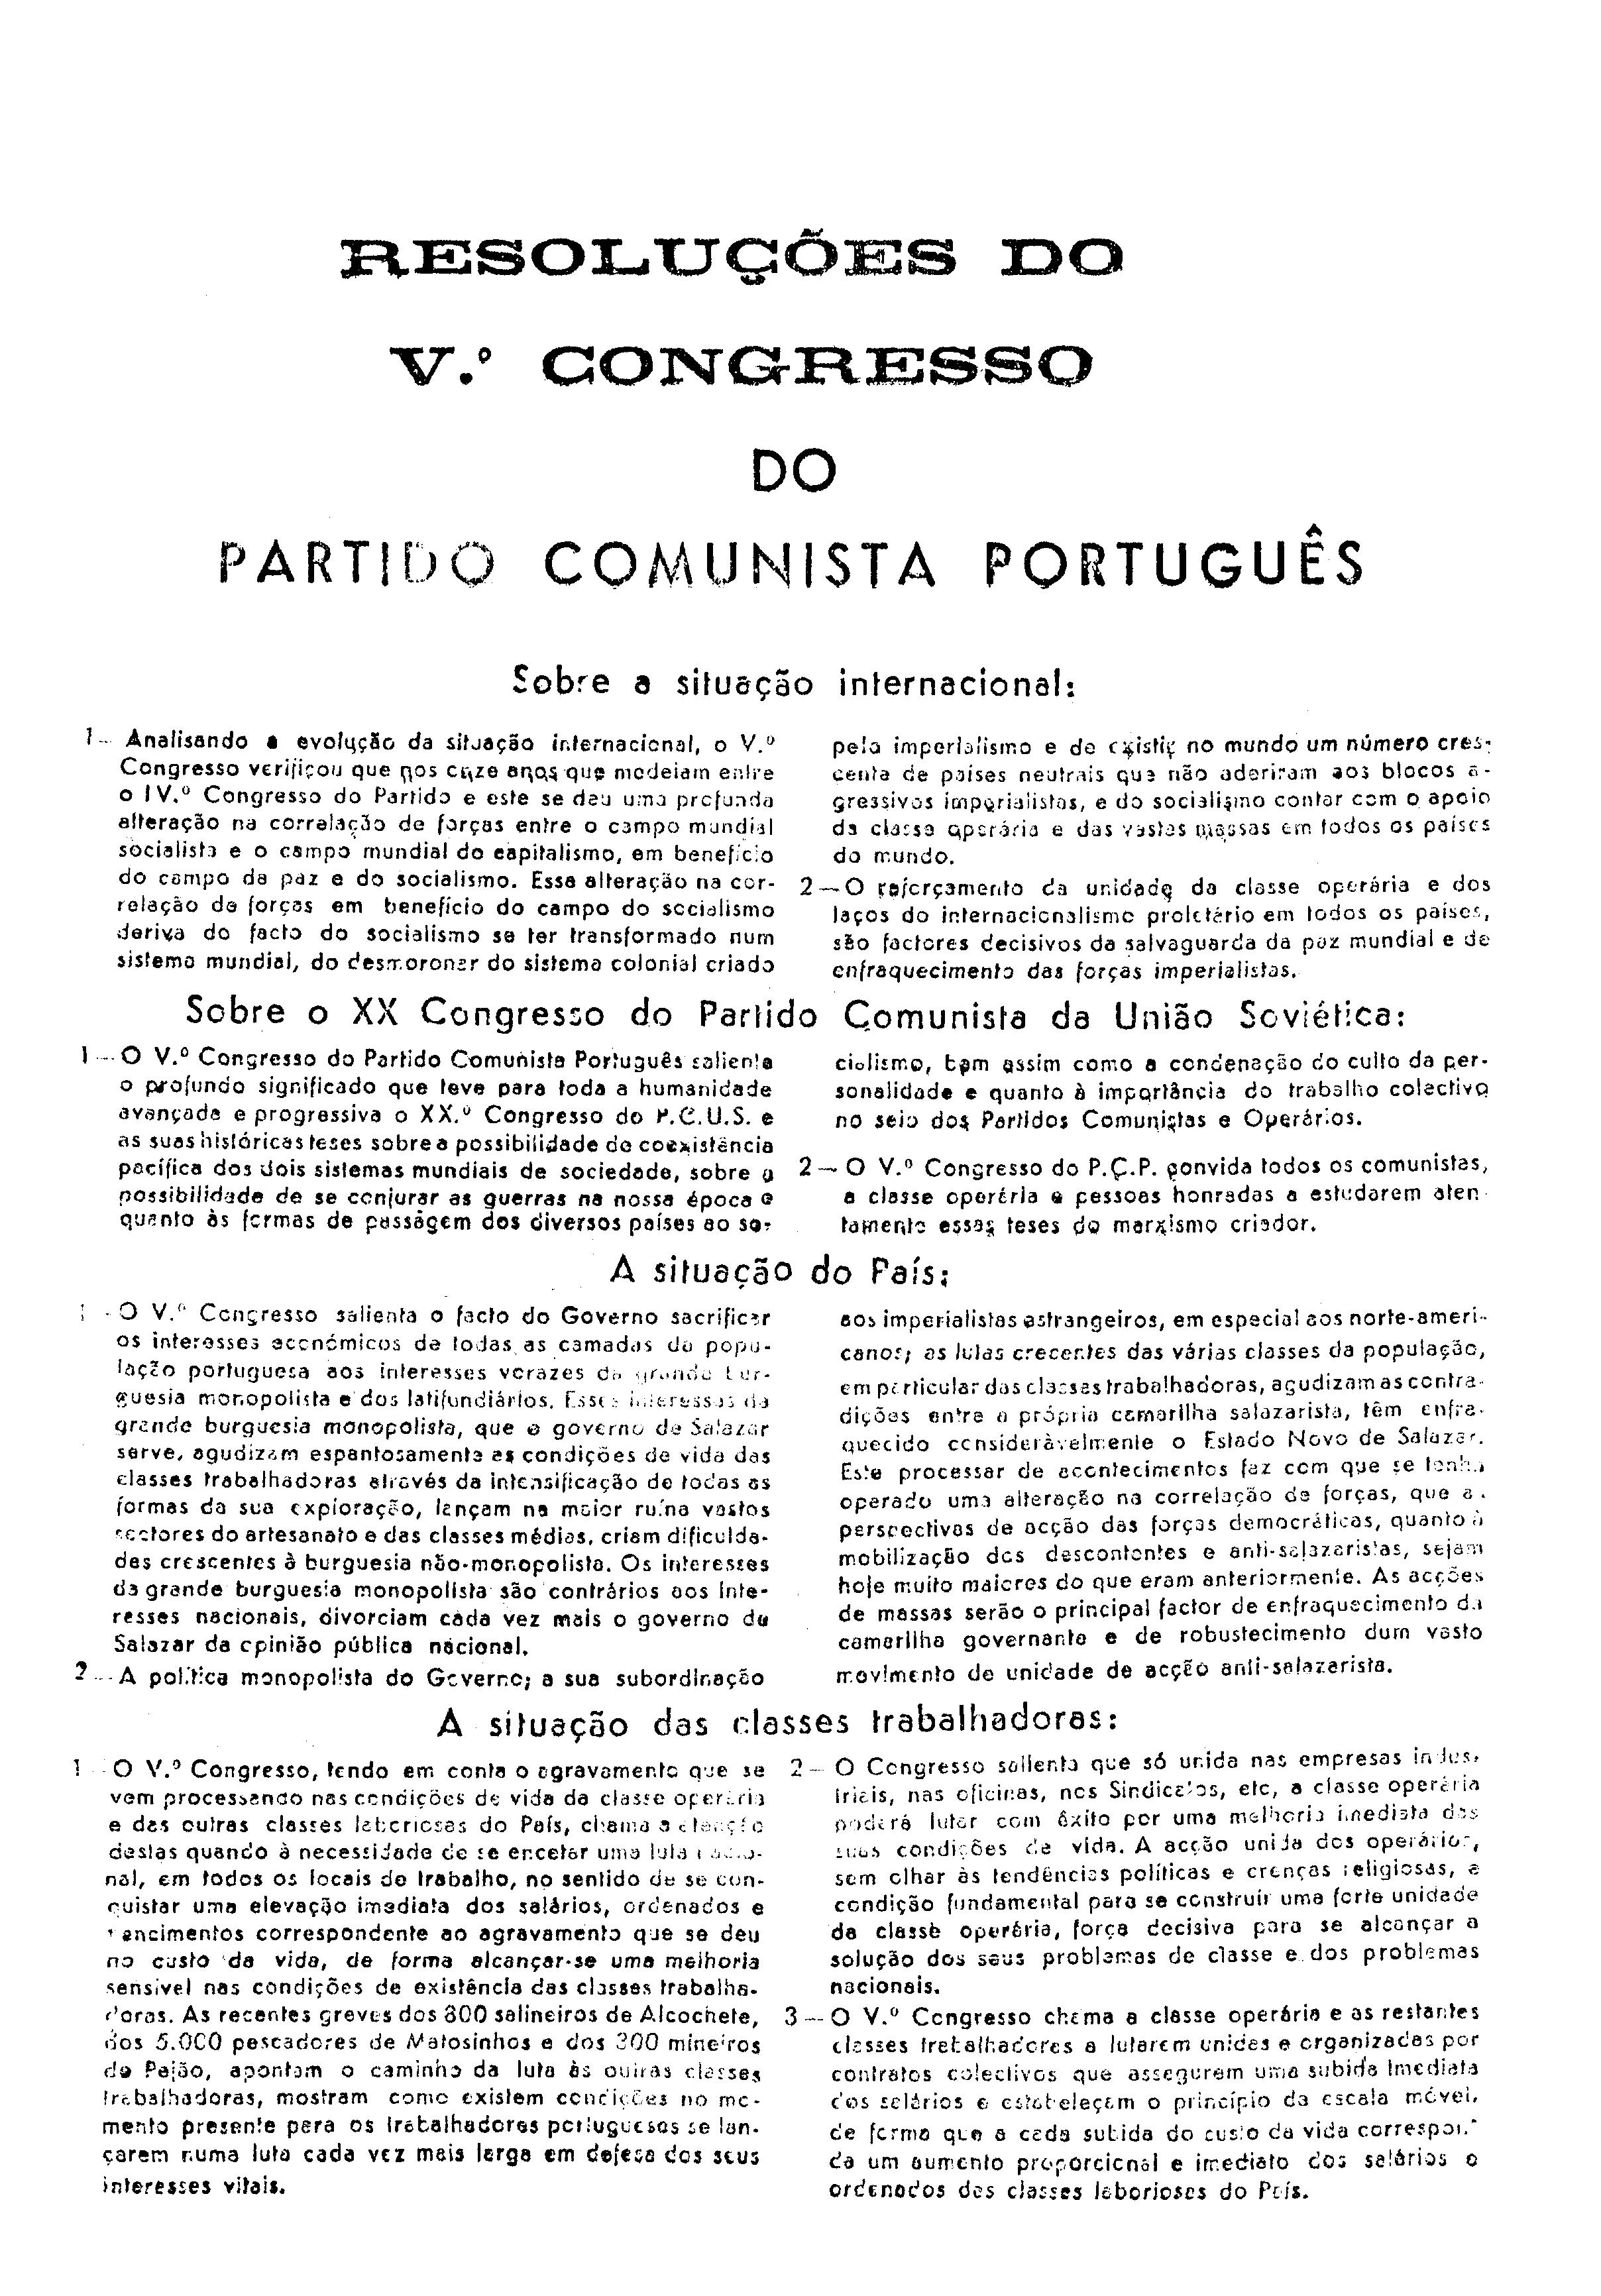 02969.020.004- pag.1